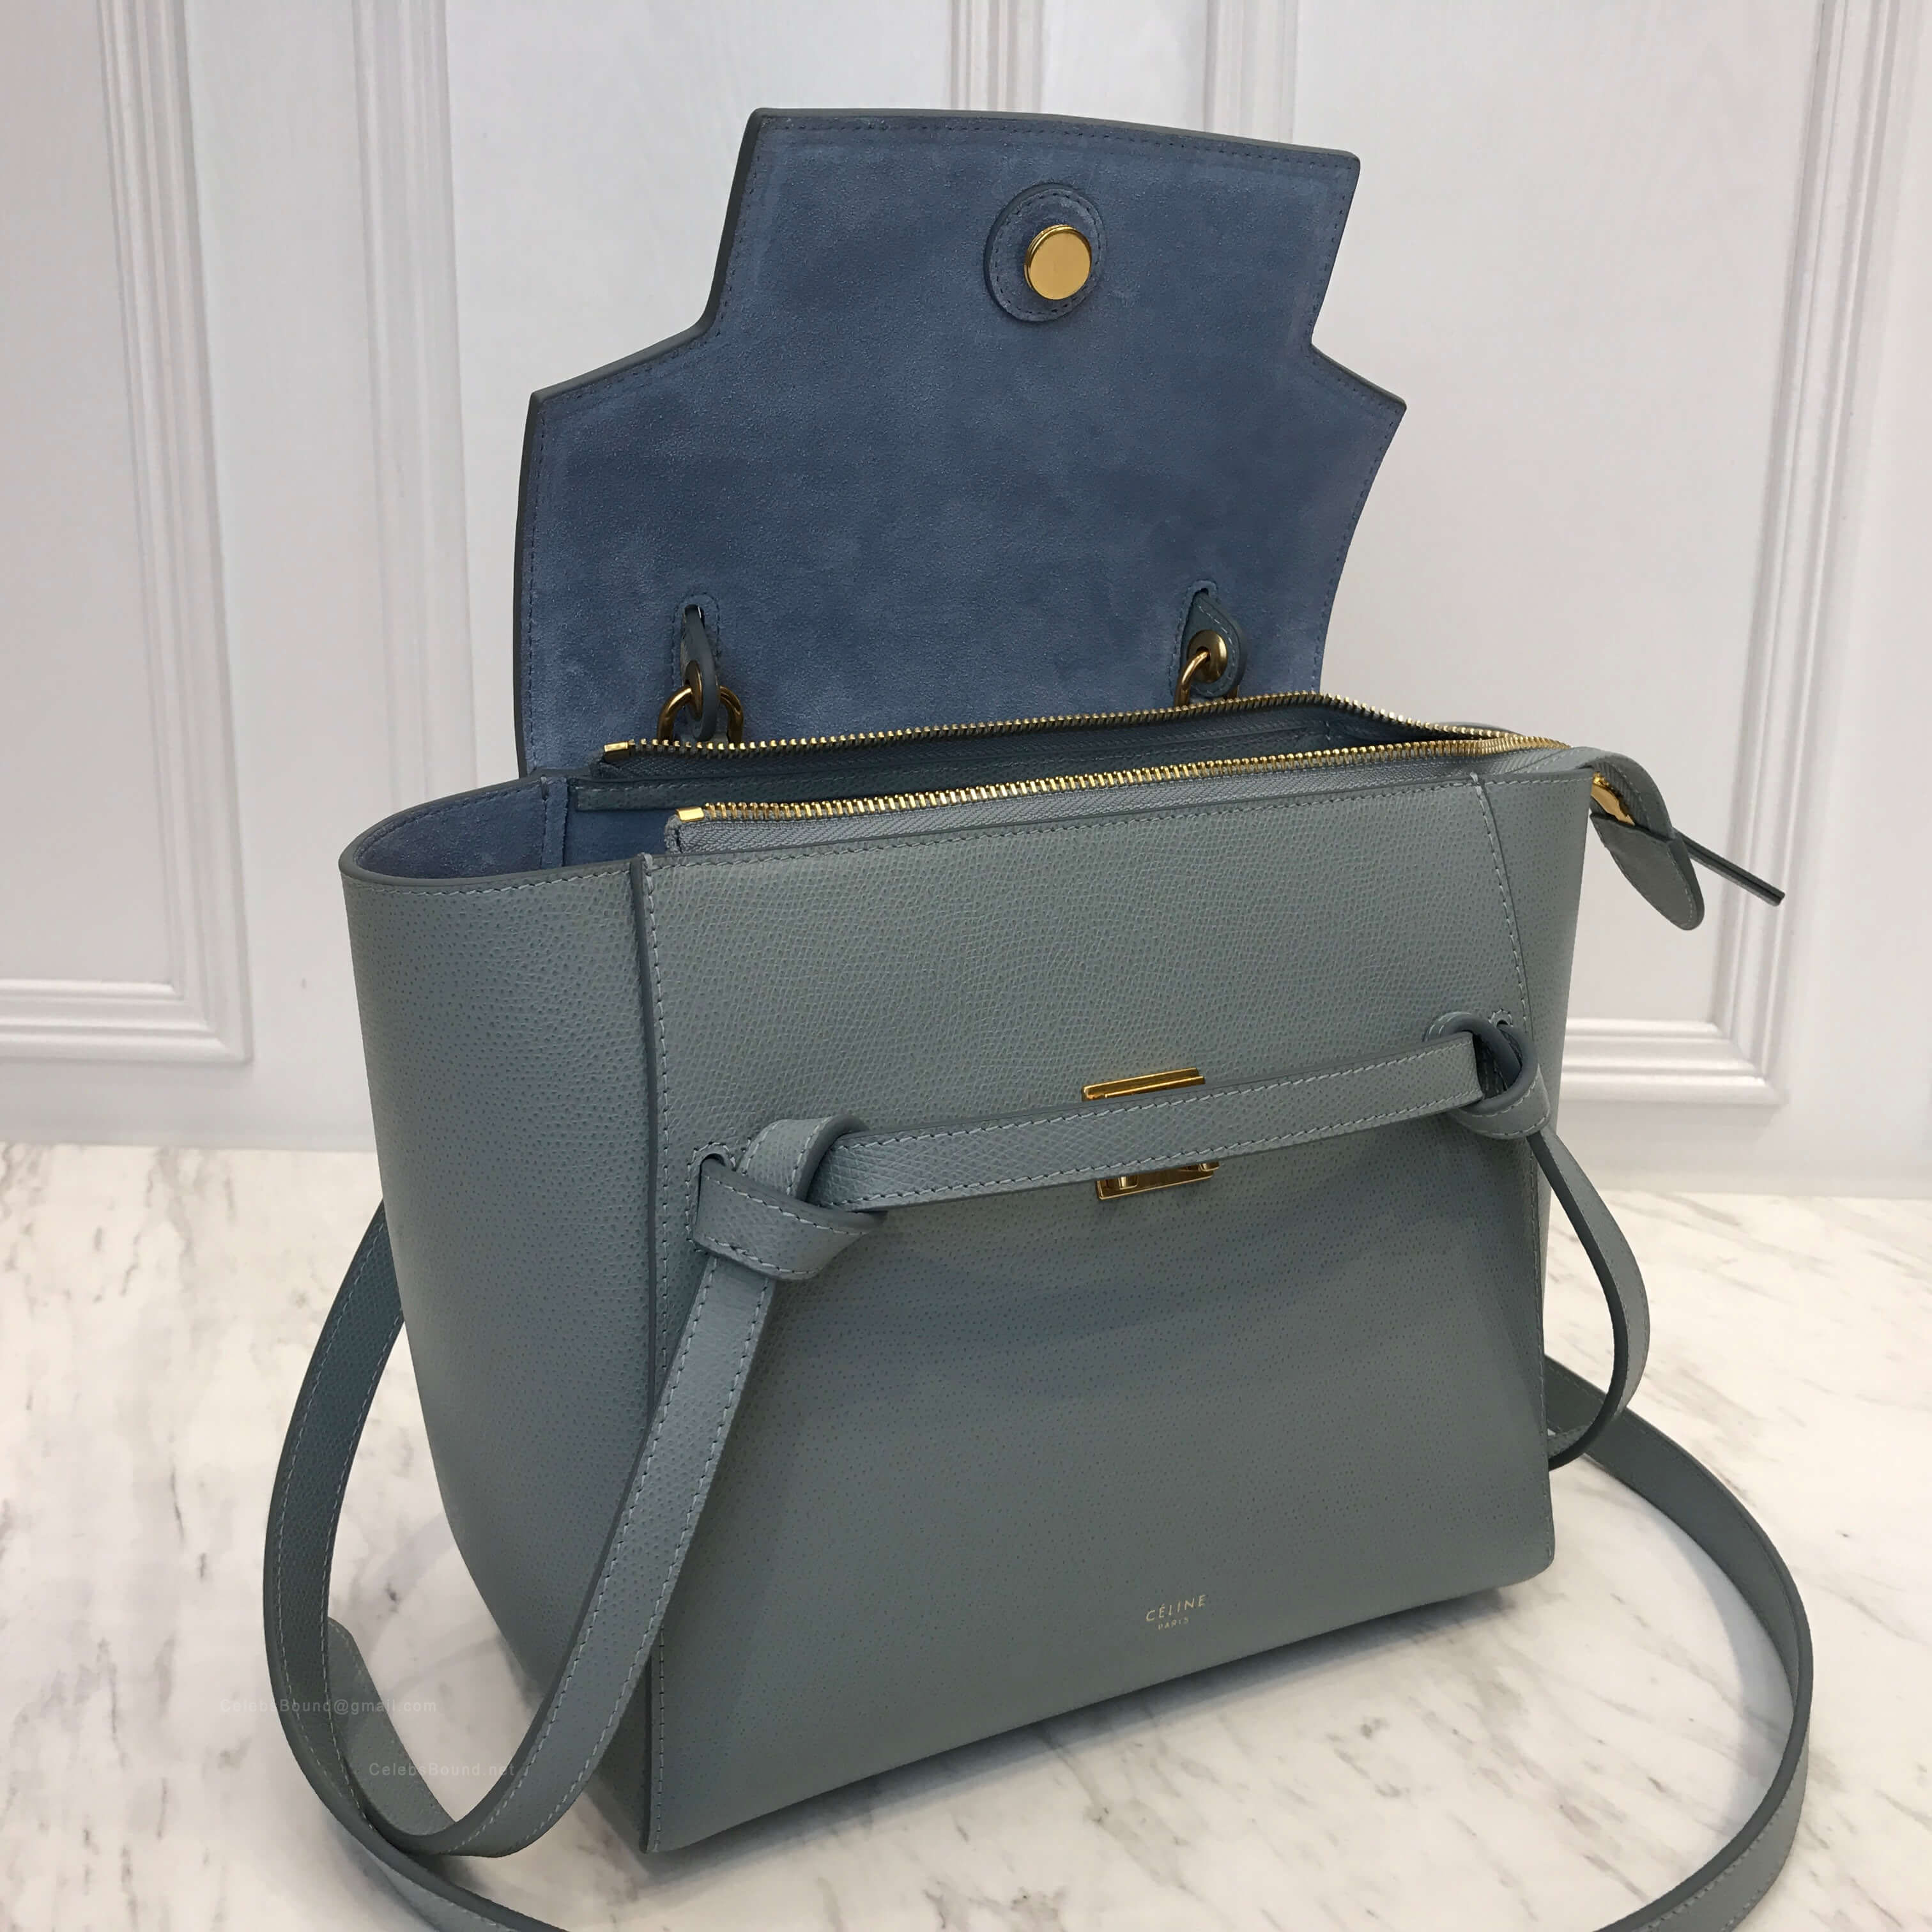 c5ba868e71 Celine Micro Belt Bag in Cloud Grained Calfskin -